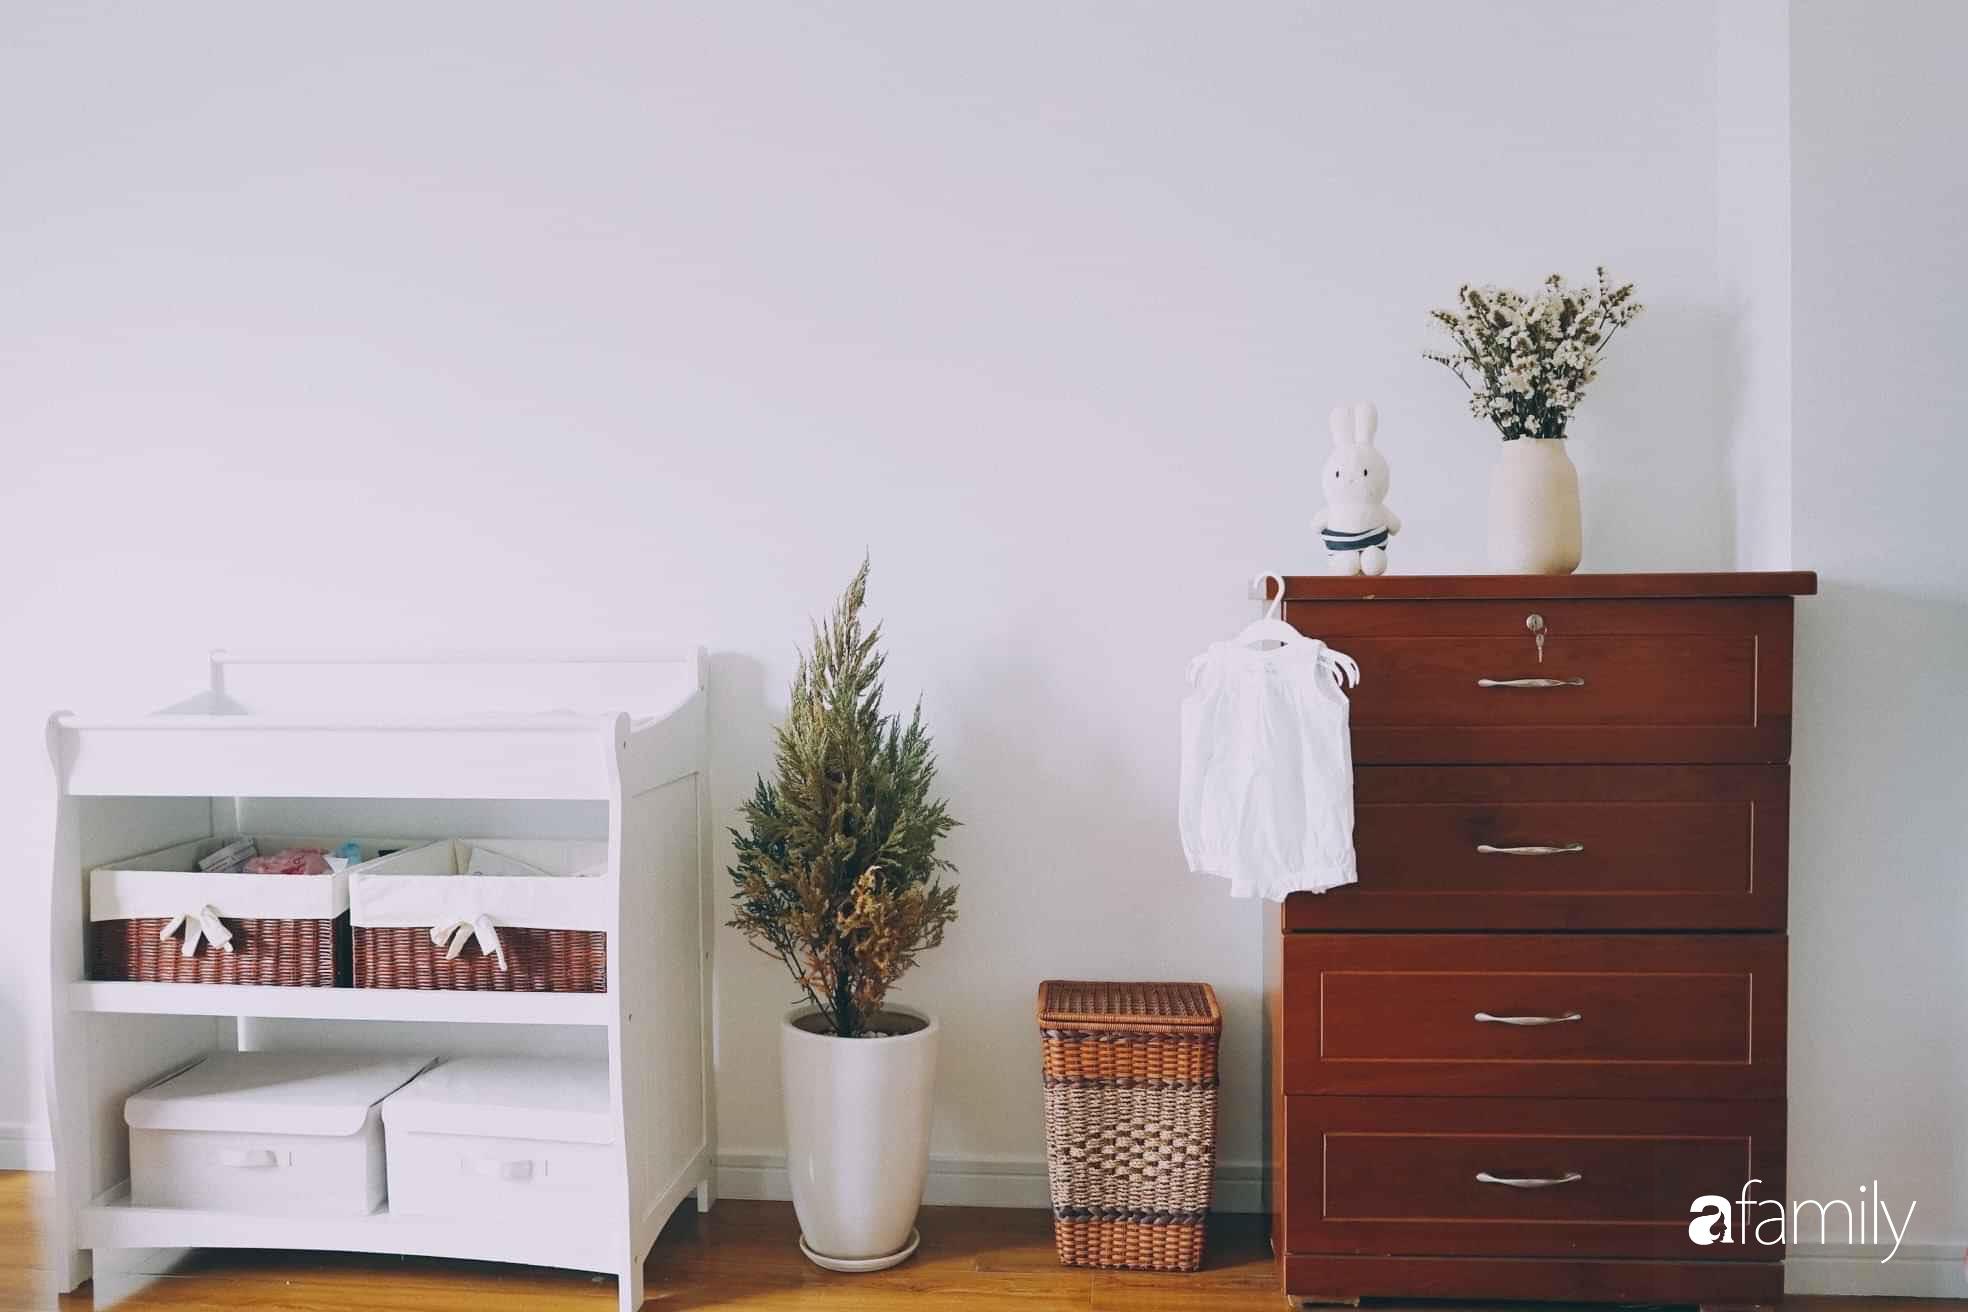 Dù là căn hộ đi thuê nhưng đôi vợ chồng yêu thích sống tự do ở Sài Gòn đã thiết kế nội thất theo phong cách tối giản vô cùng hợp lý lại tiết kiệm - Ảnh 13